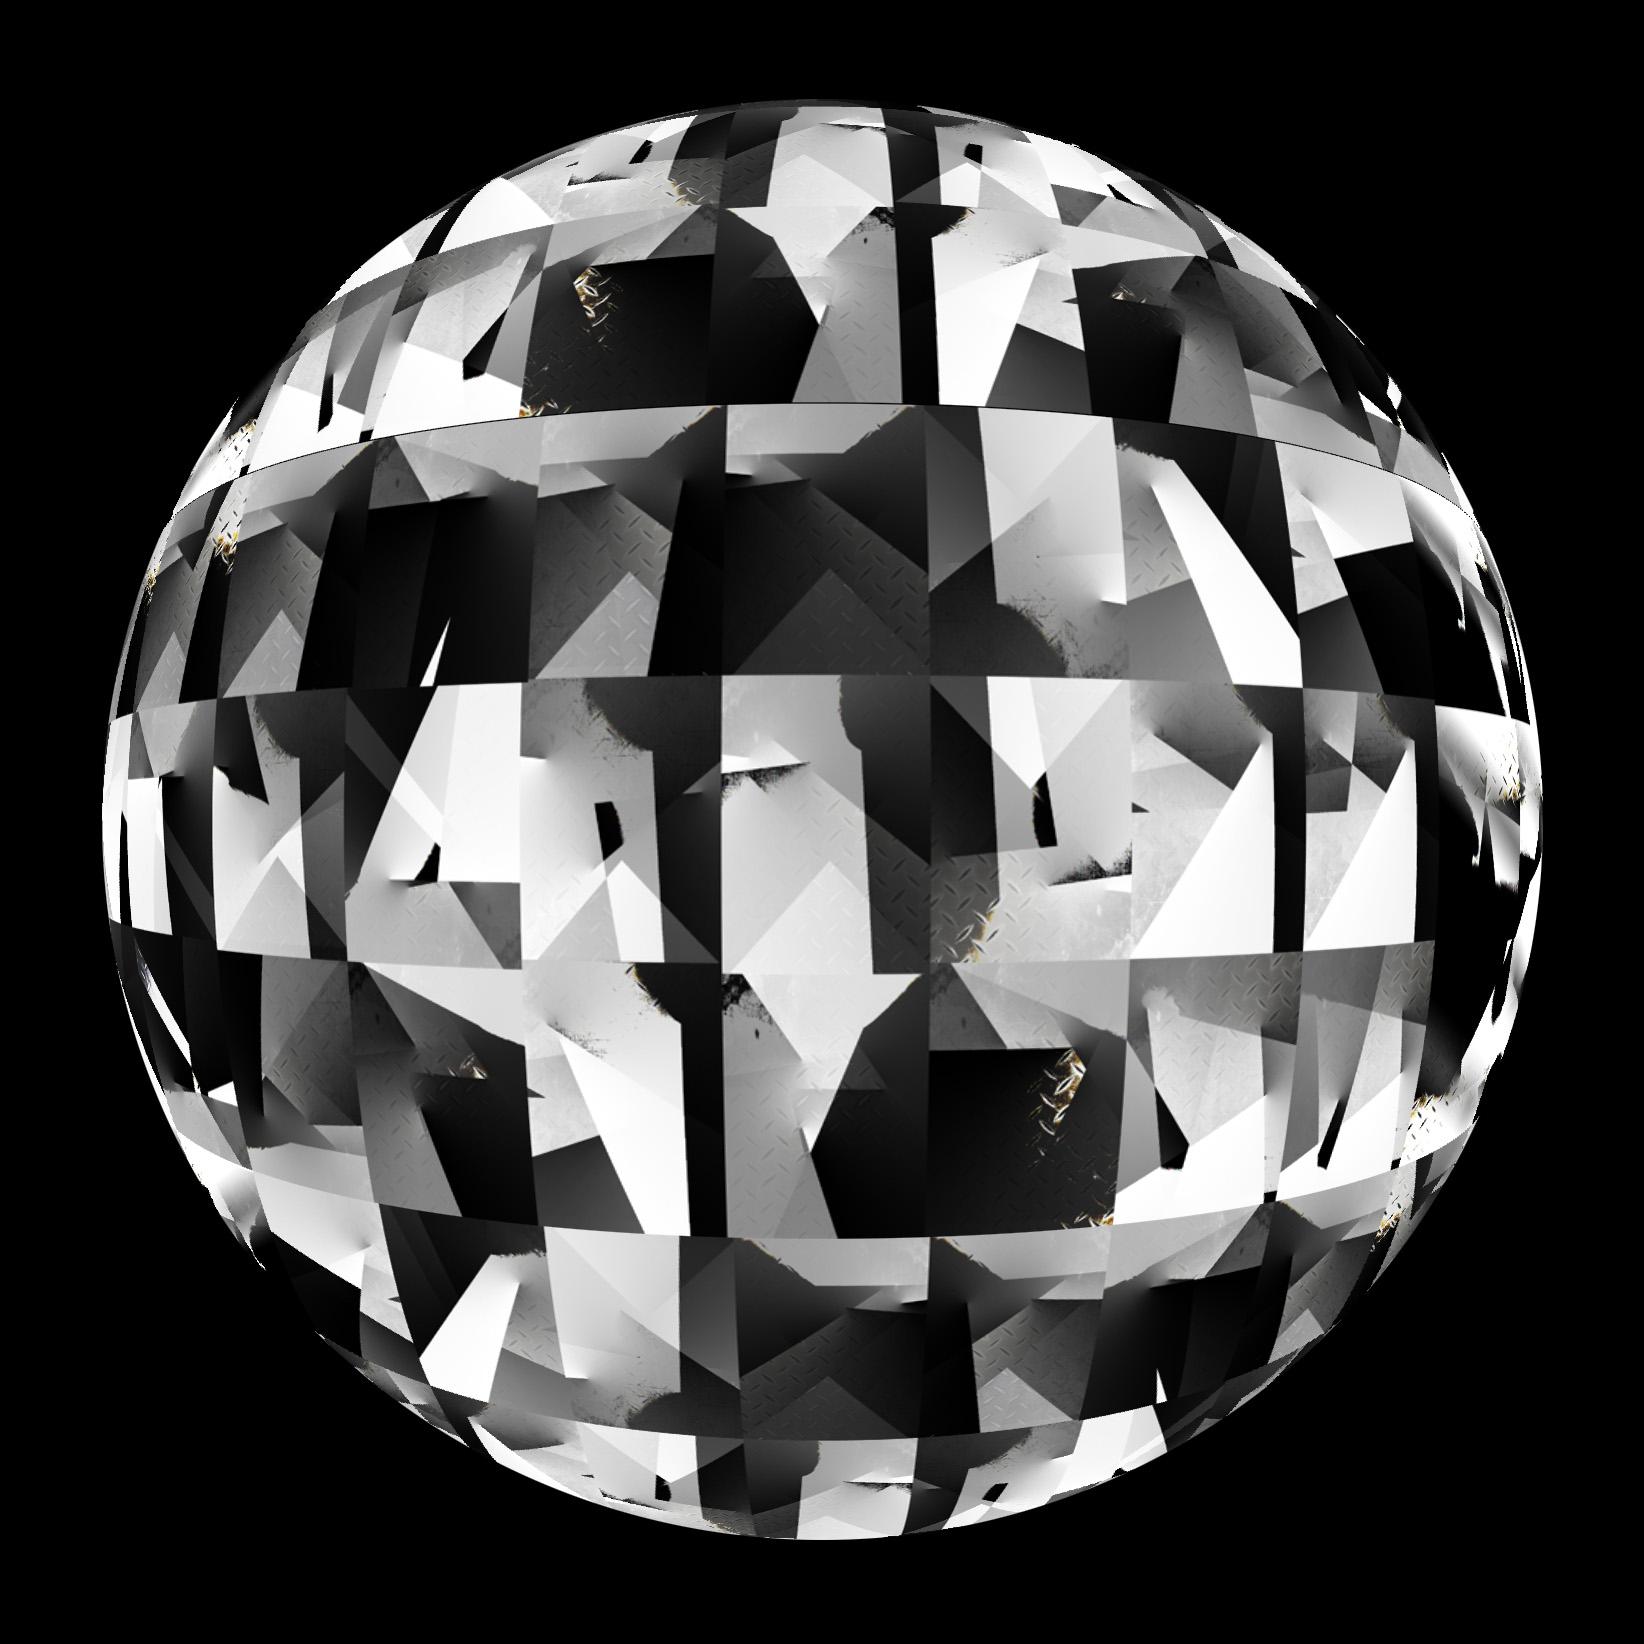 Сфера - картина мира современника